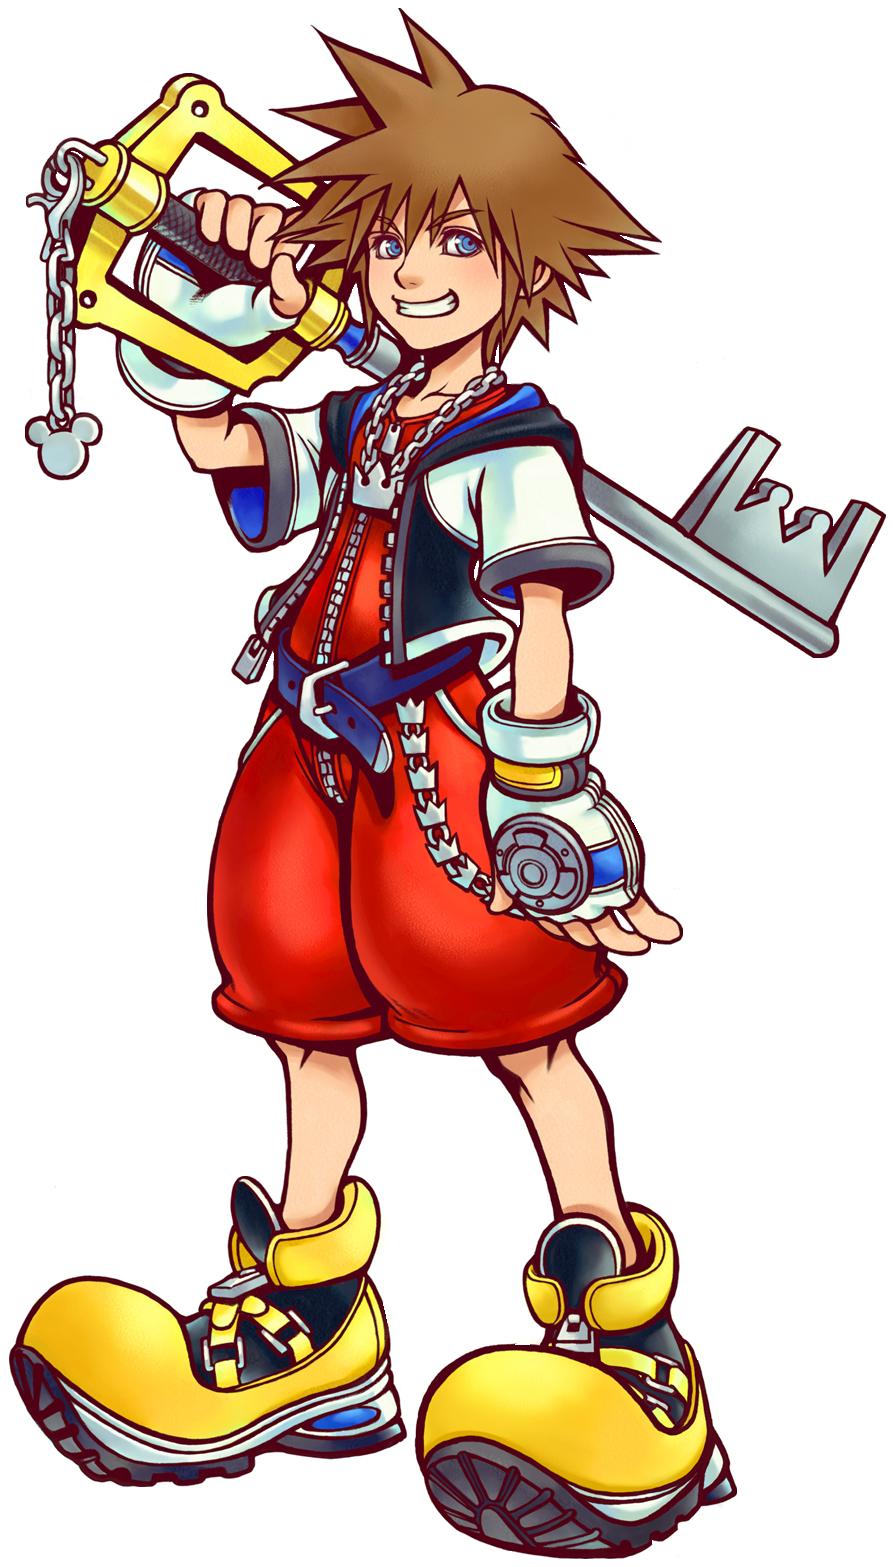 Image art kh wiki. Kingdom hearts sora png